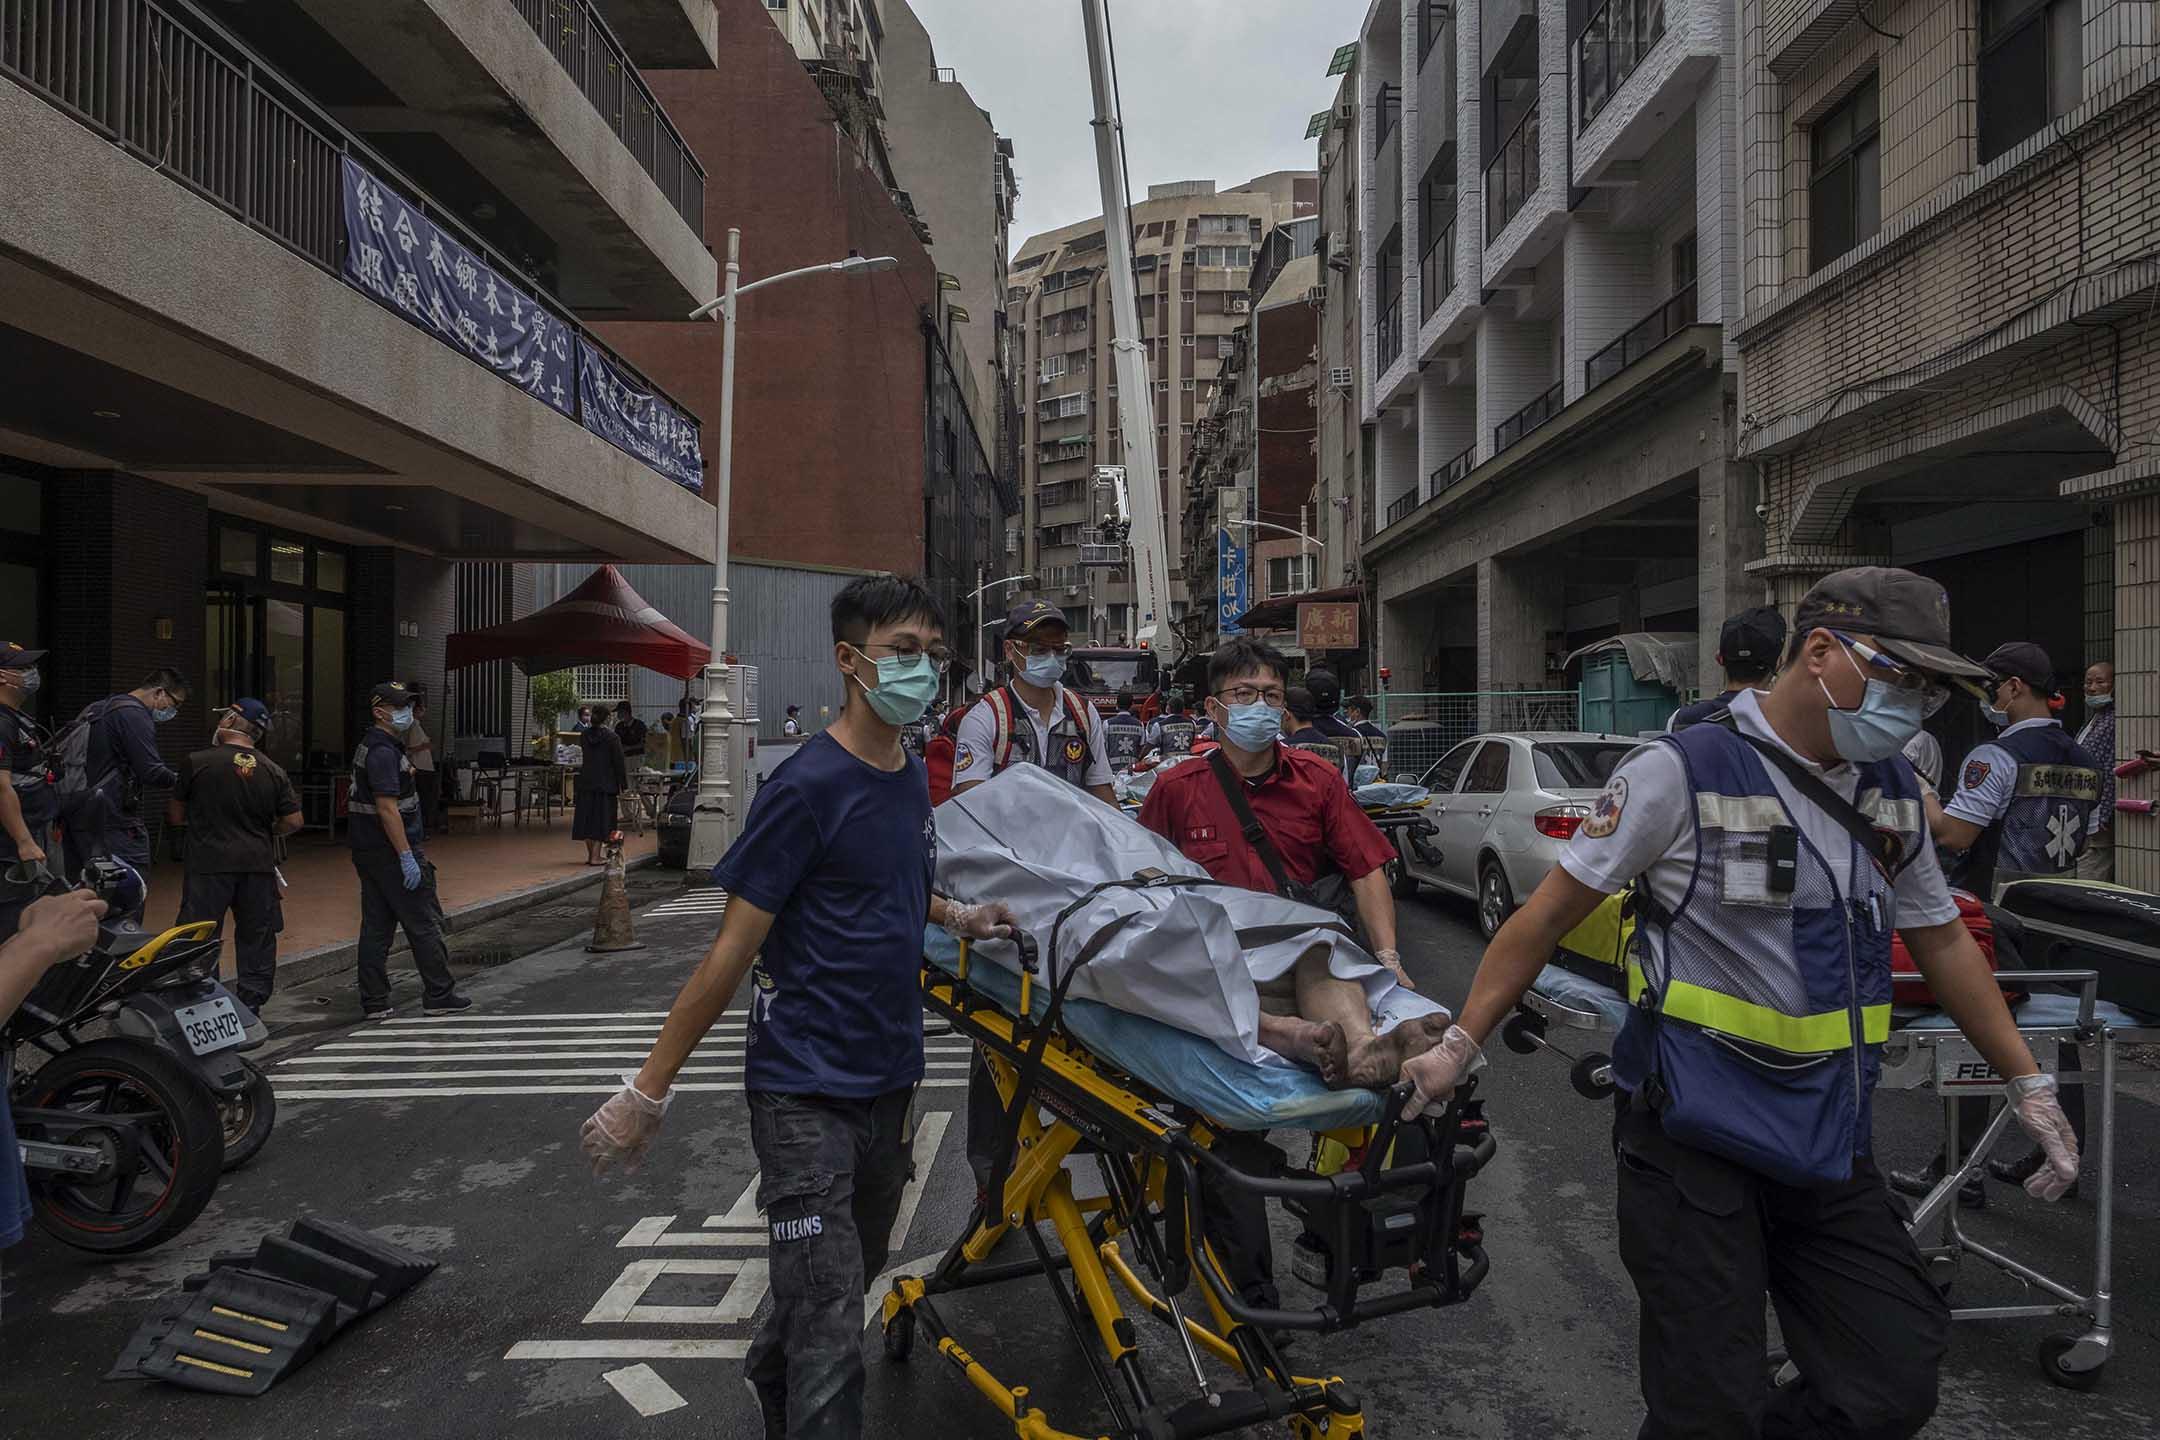 2021年10月14日台灣高雄發生火災後,醫護人員從災場運送一具屍體。